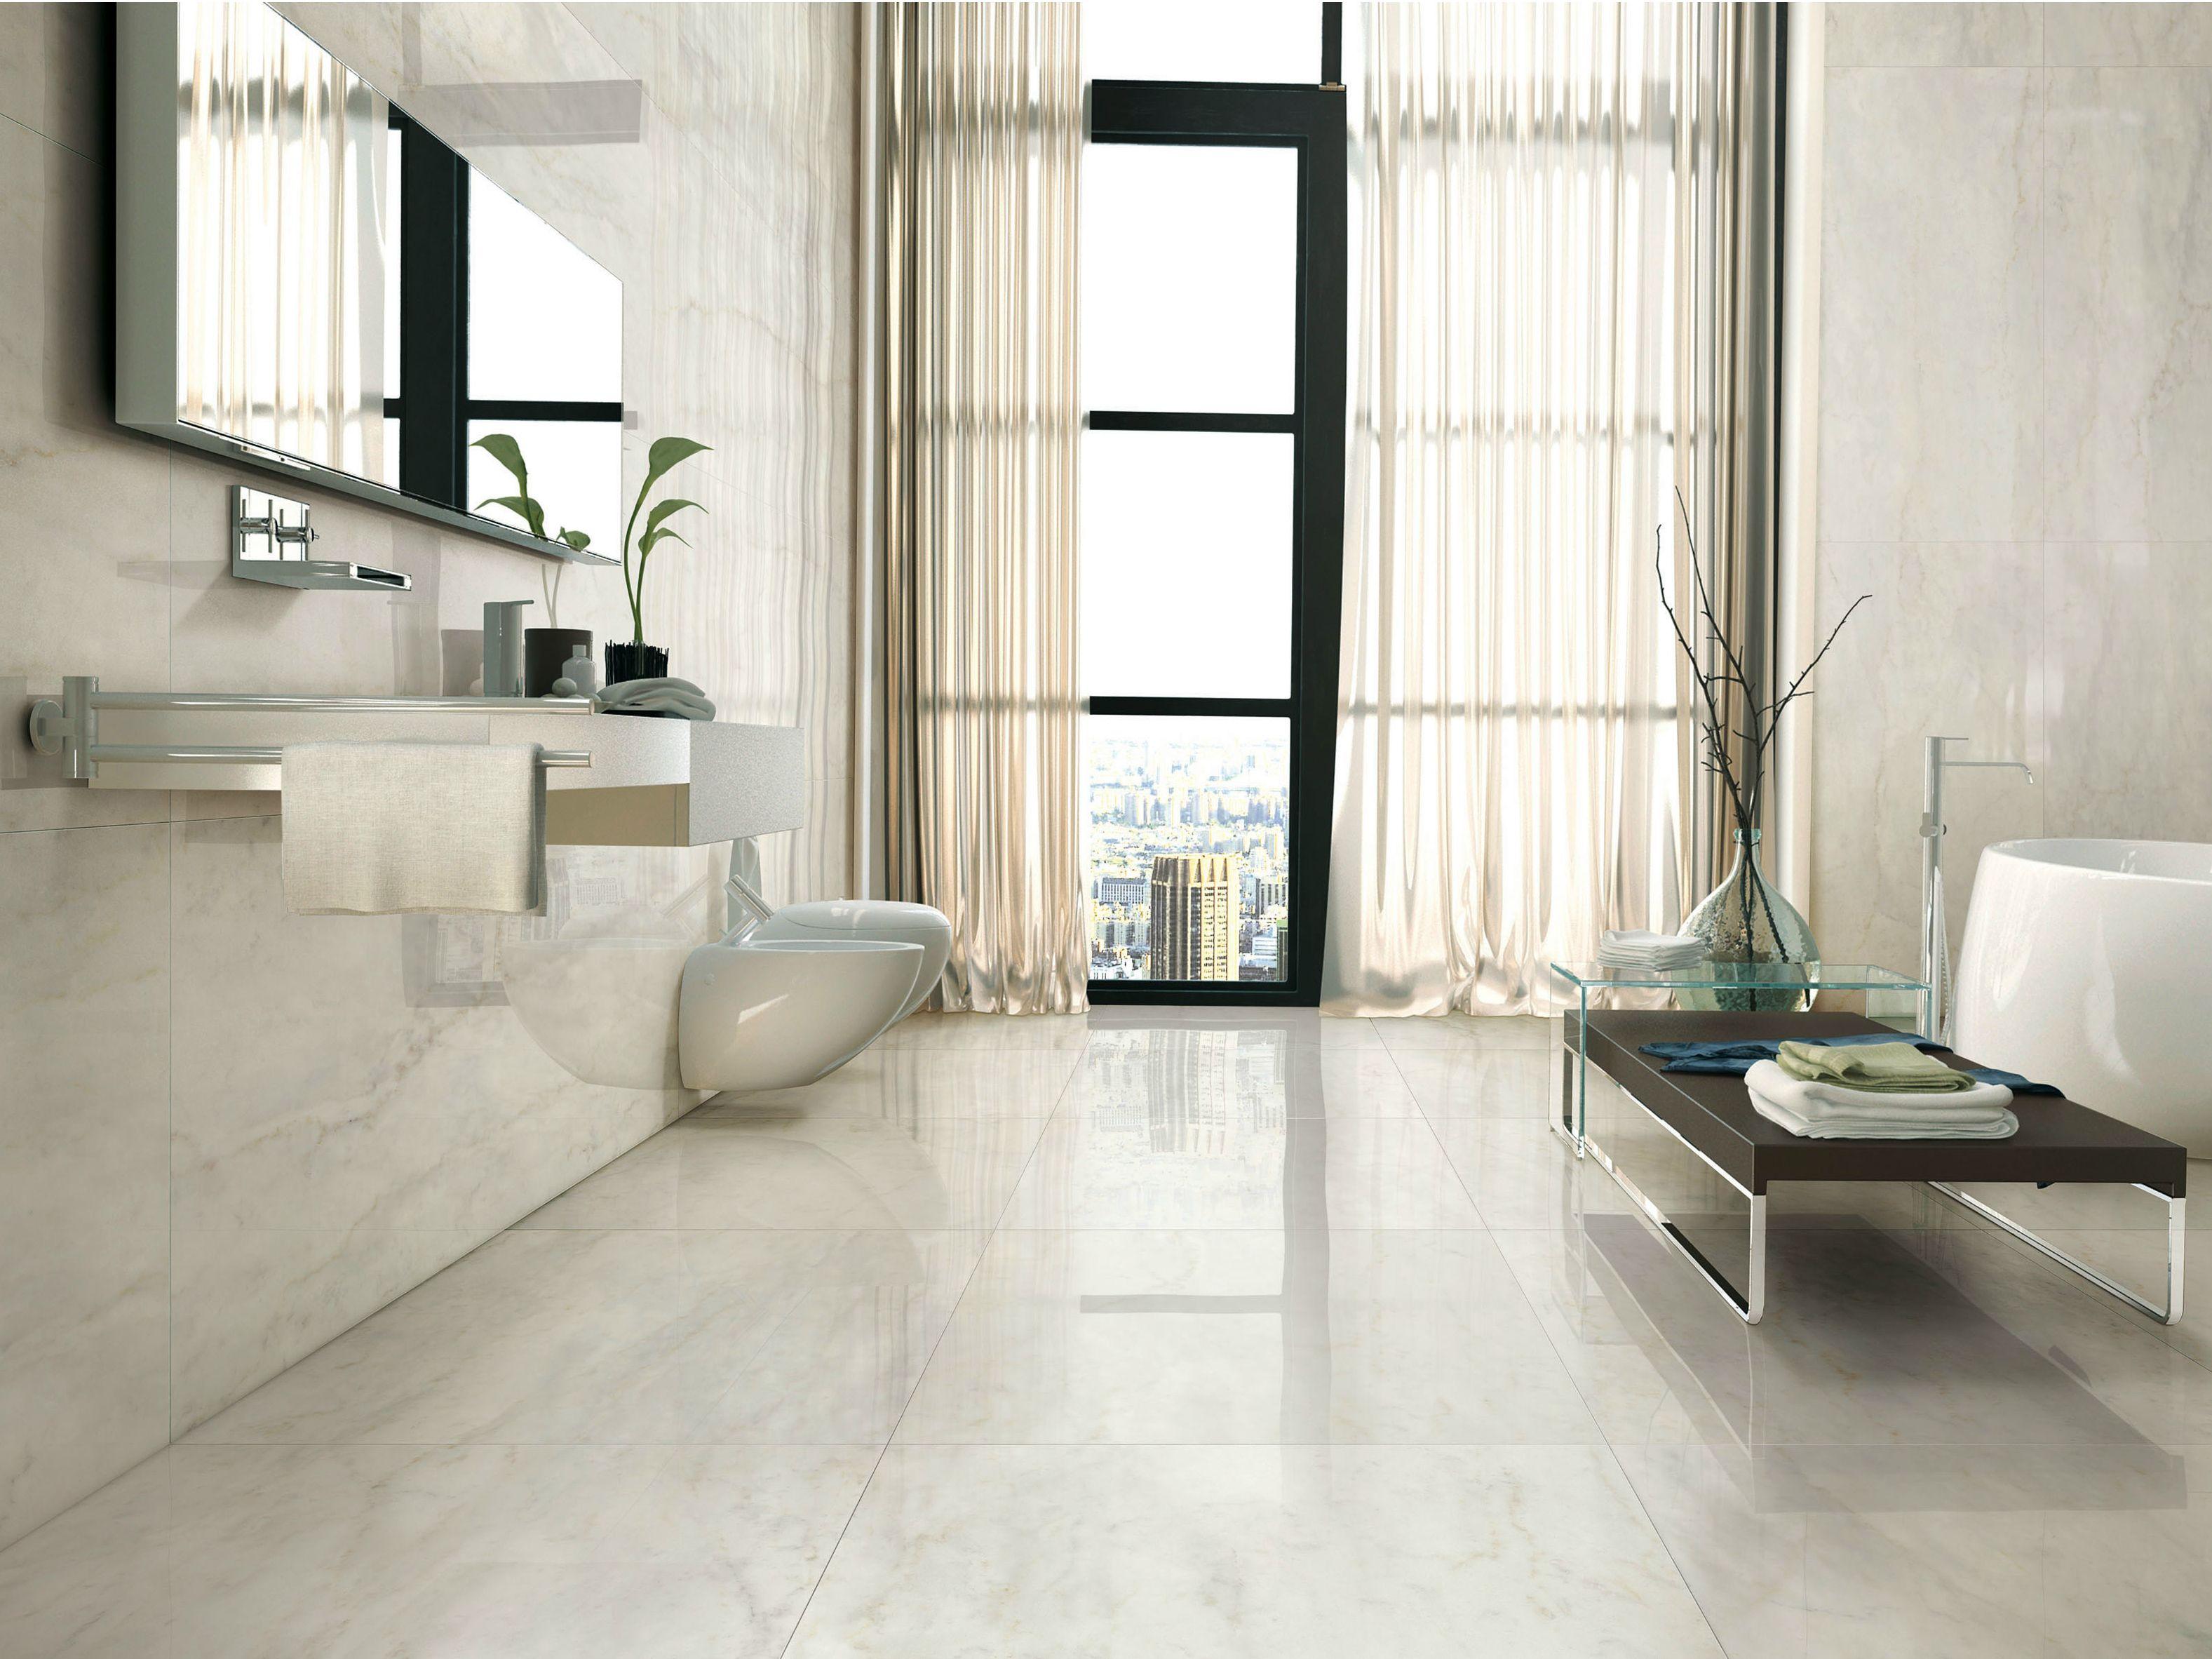 Revestimiento de pared suelo de gres porcel nico imitaci n - Suelos porcelanicos imitacion marmol ...